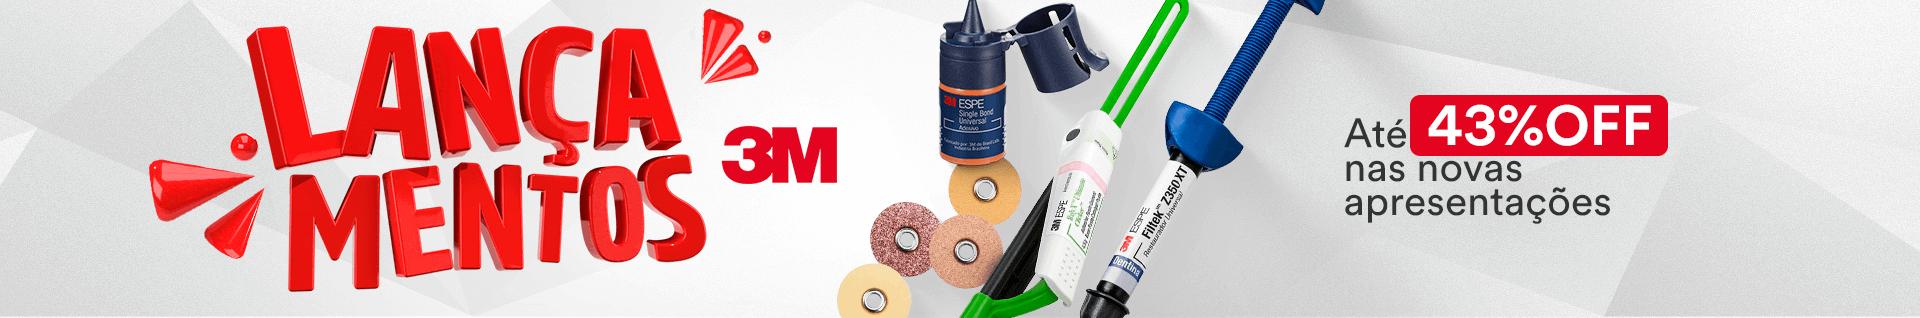 Lançamentos 3M com até 43% OFF | Dental Cremer Produtos Odontológicos